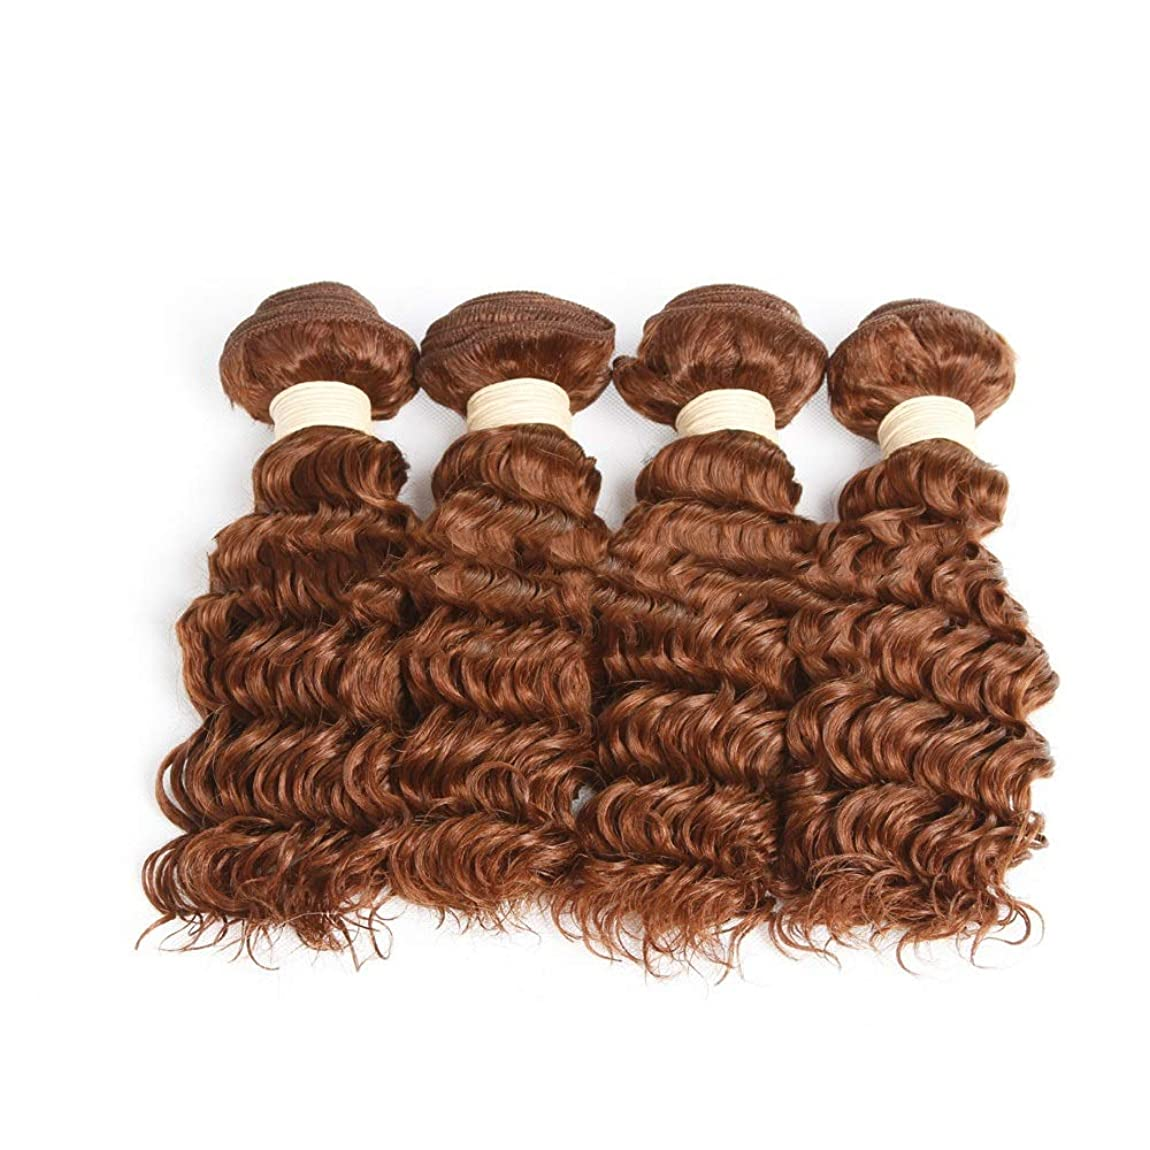 フィットネス嵐スタッフMayalina ブラジルのディープウェーブの毛100%未処理の人間の毛髪延長1バンドル#30ブライトブラウン色ブラジルのバージンヘア8-26インチロールプレイングかつら女性のかつら (色 : ブラウン, サイズ : 16 inch)